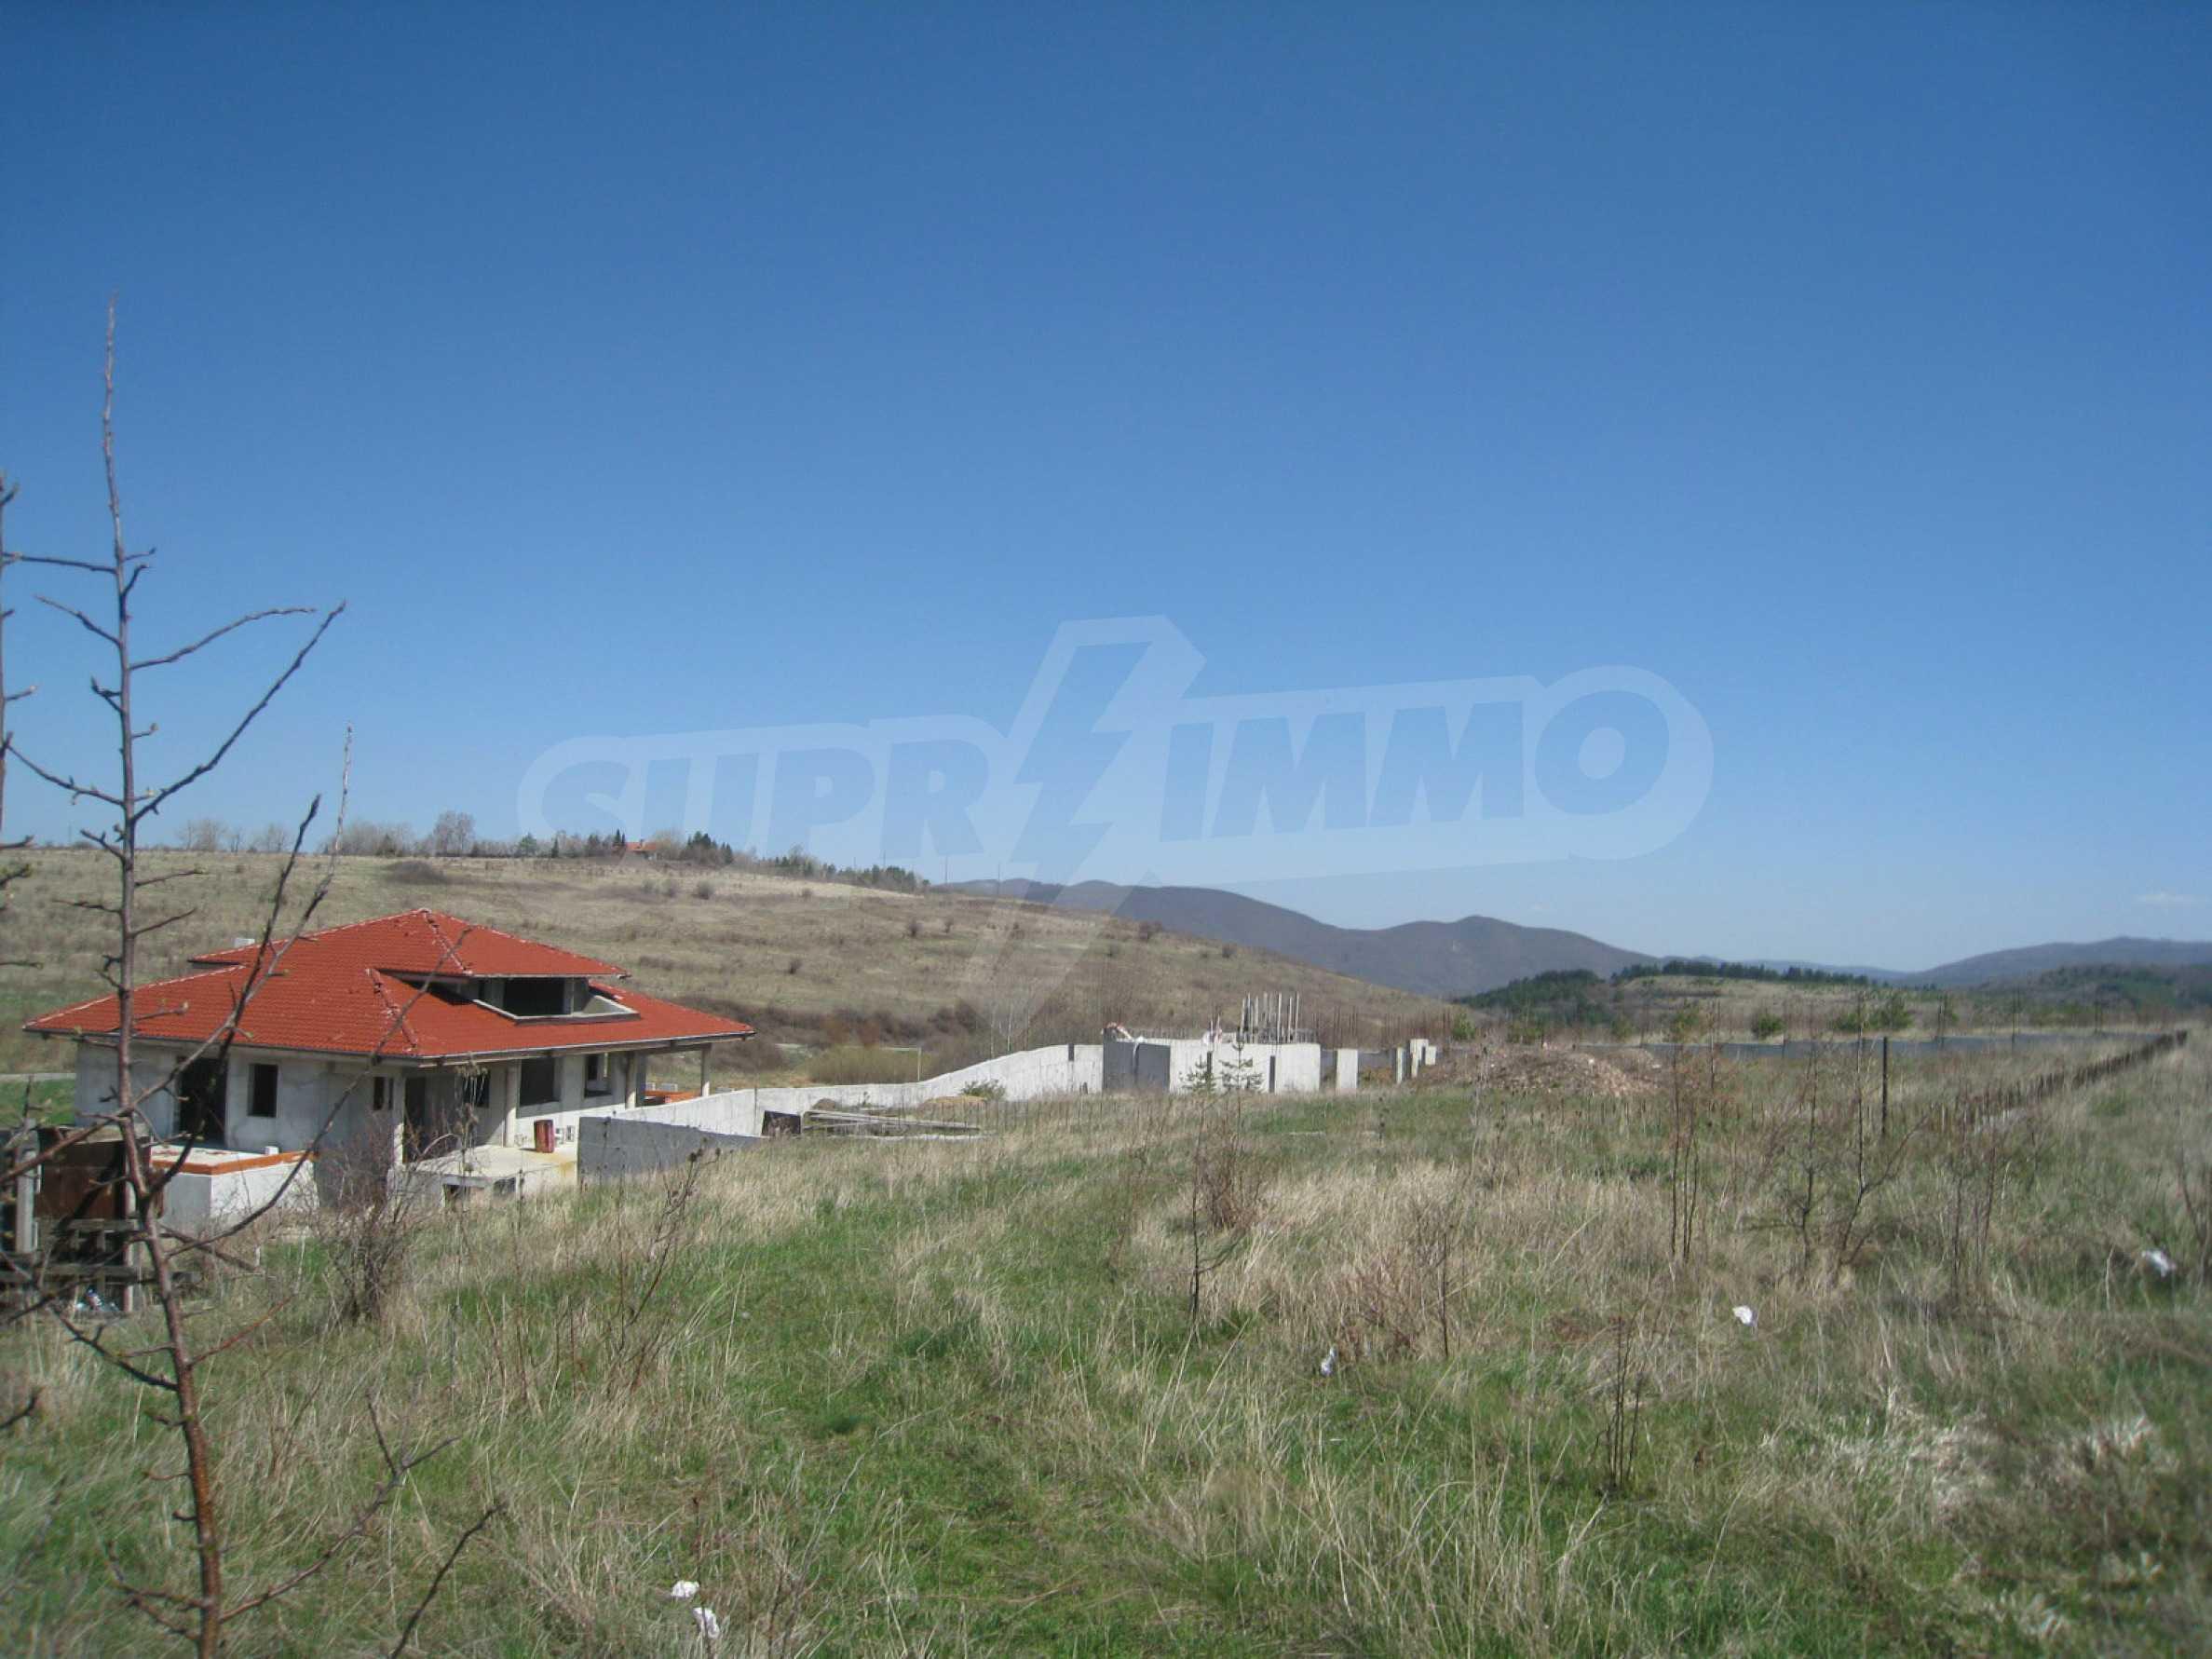 Reguliertes Grundstück für den Bau eines Privathauses oder einer Villa in der Nähe von Sofia 9